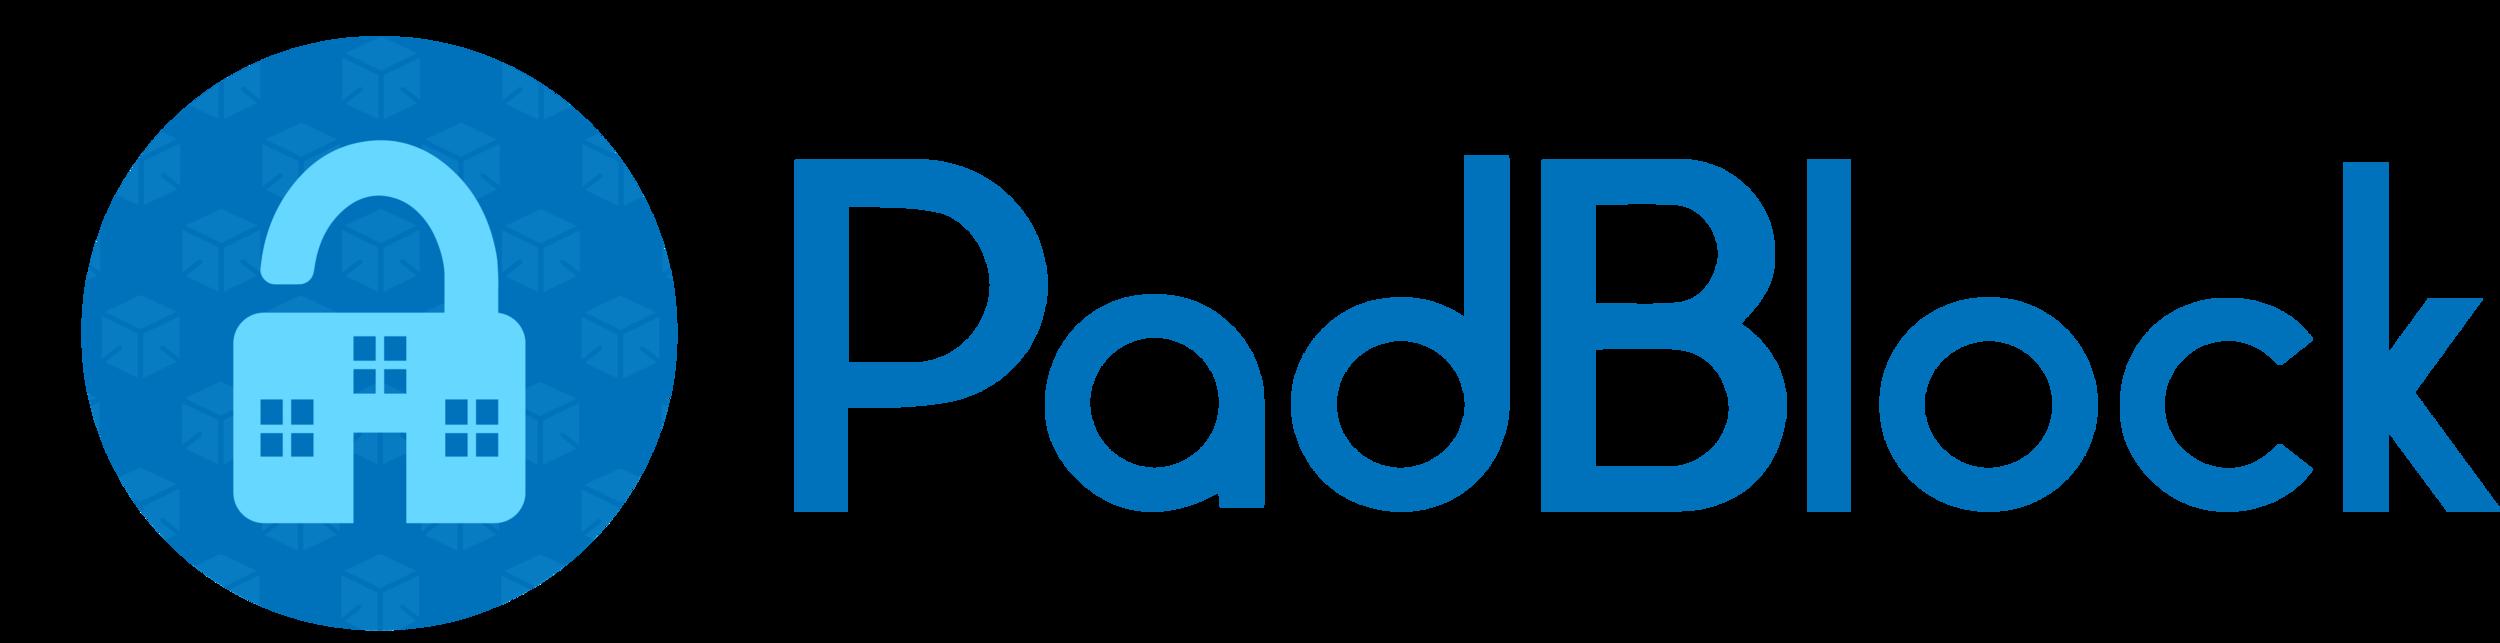 XXIPAD.Logo.Horizontal.png